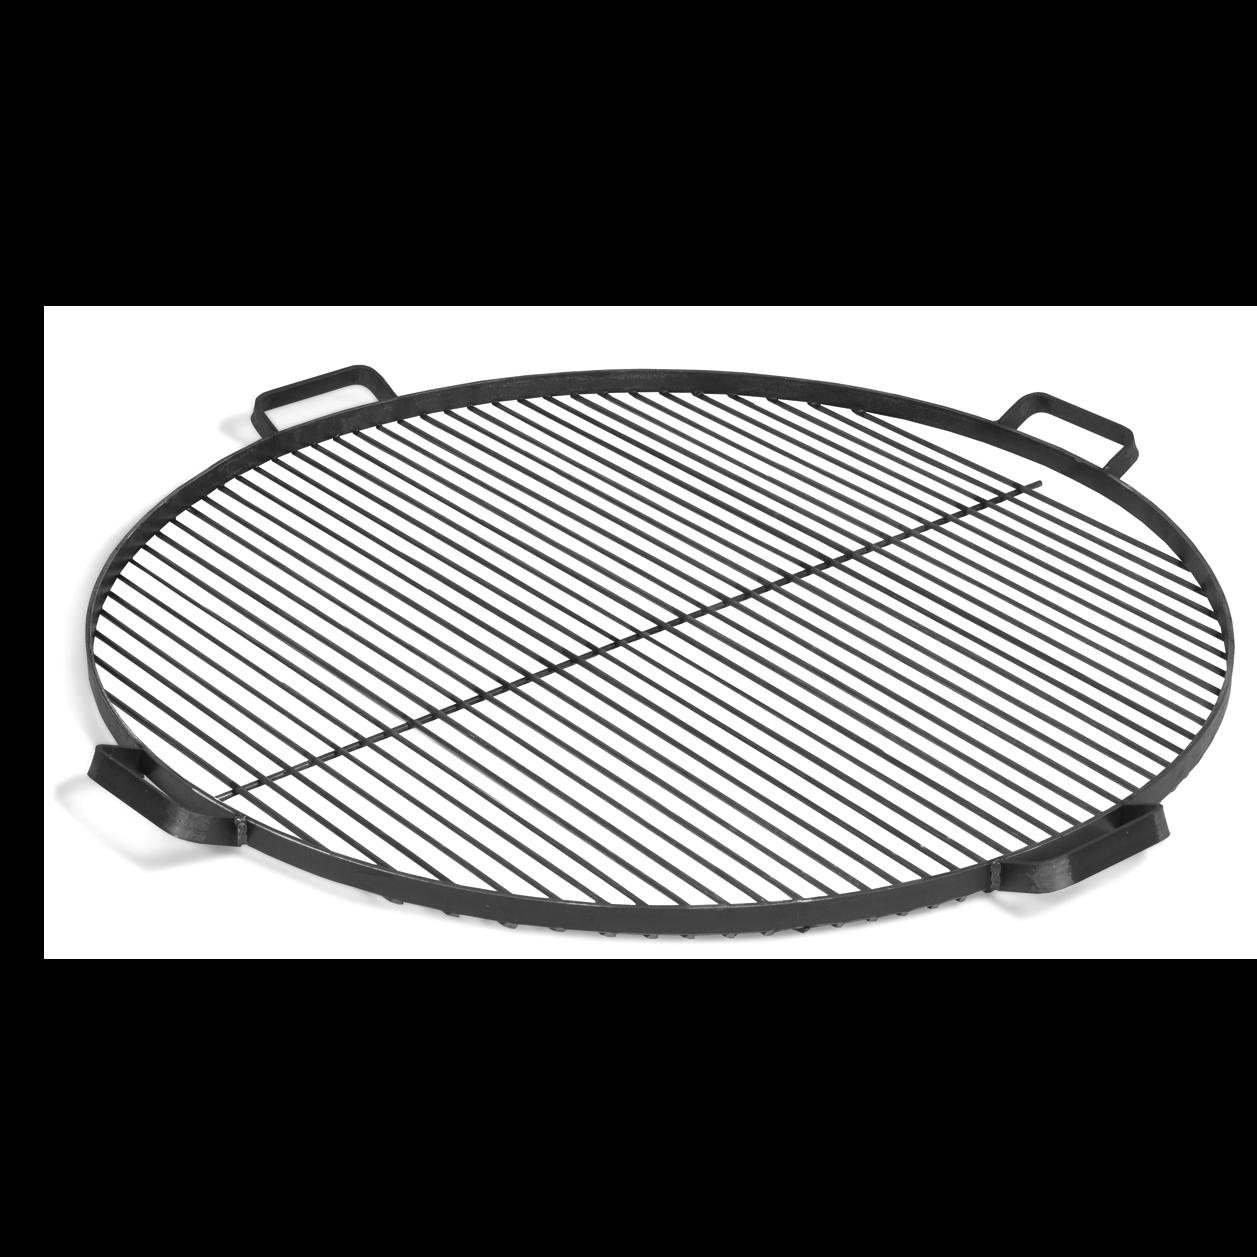 Rost mit Handgriffen für Feuerschale | Schwarzer Stahl-60 cm